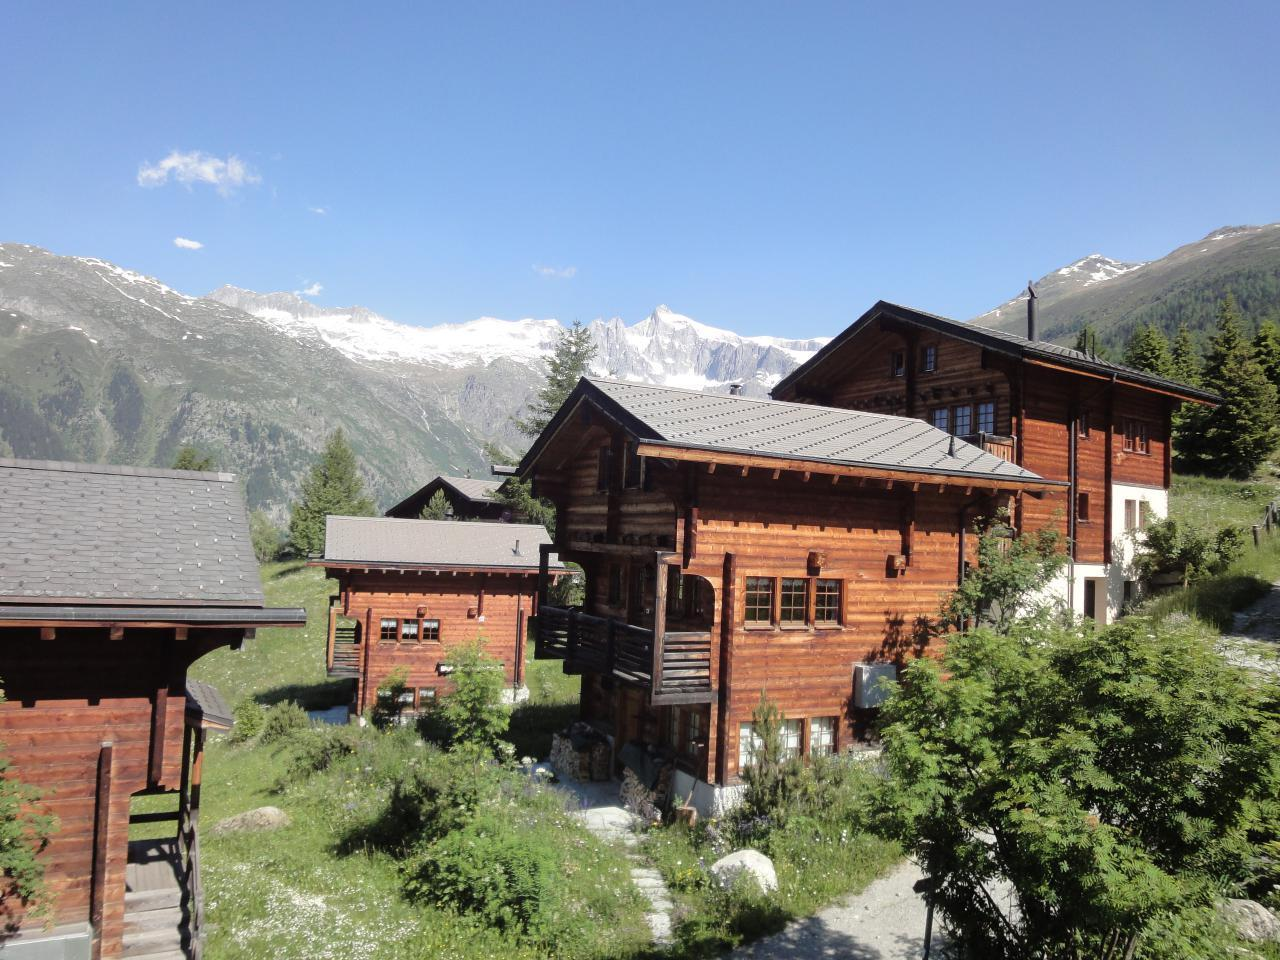 Appartement de vacances Chalet Stefanino, 3 1/2 Zimmer (487097), Bellwald, Aletsch - Conches, Valais, Suisse, image 14